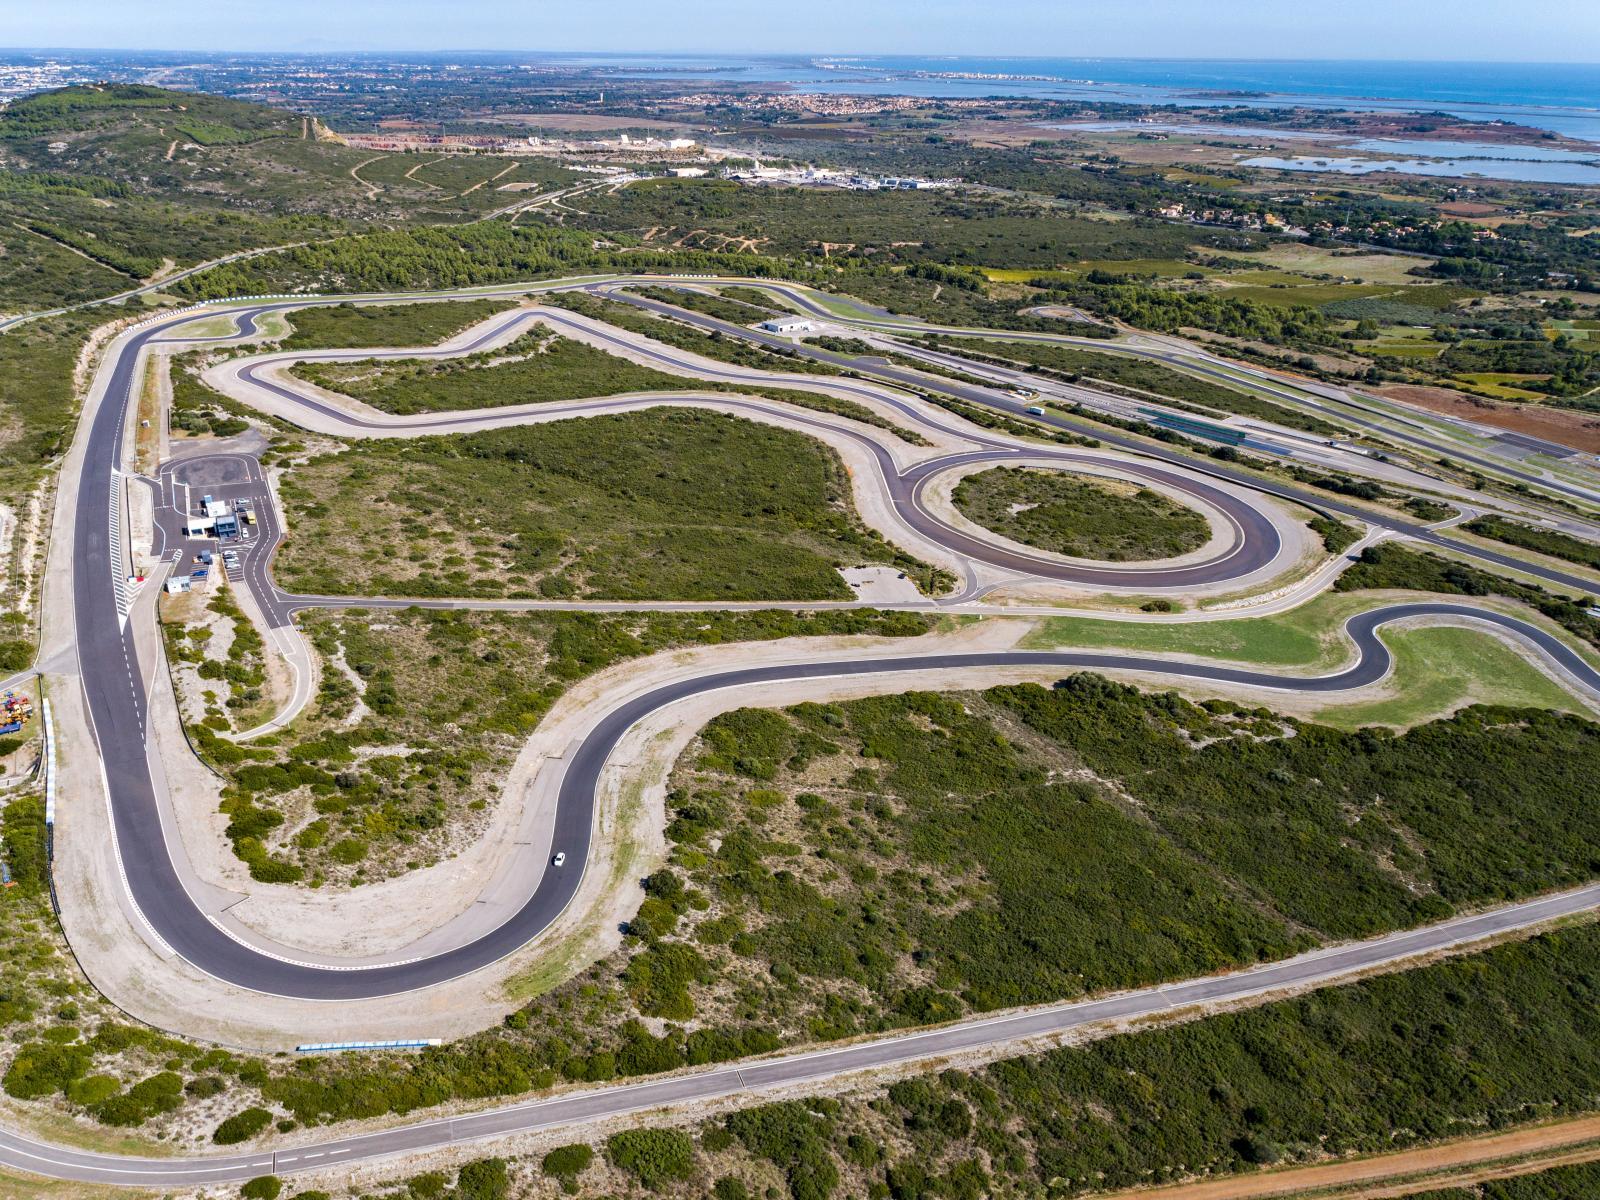 Mireval Proving Ground är vackert placerad i en brant sluttning ned mot Medelhavet. Höjdskillnaderna ger giftiga kurvkombinationer. Banan ritades av f.d. F1-föraren Jean Pierre Beltoise. Här avgjordes flera F2-lopp och F1-stallen var här på tester tills dess att Michele Alboreto kraschade svårt i sin Ferrari. Anläggningen förvandlades sedan till toppmodern testanläggning av Goodyear.